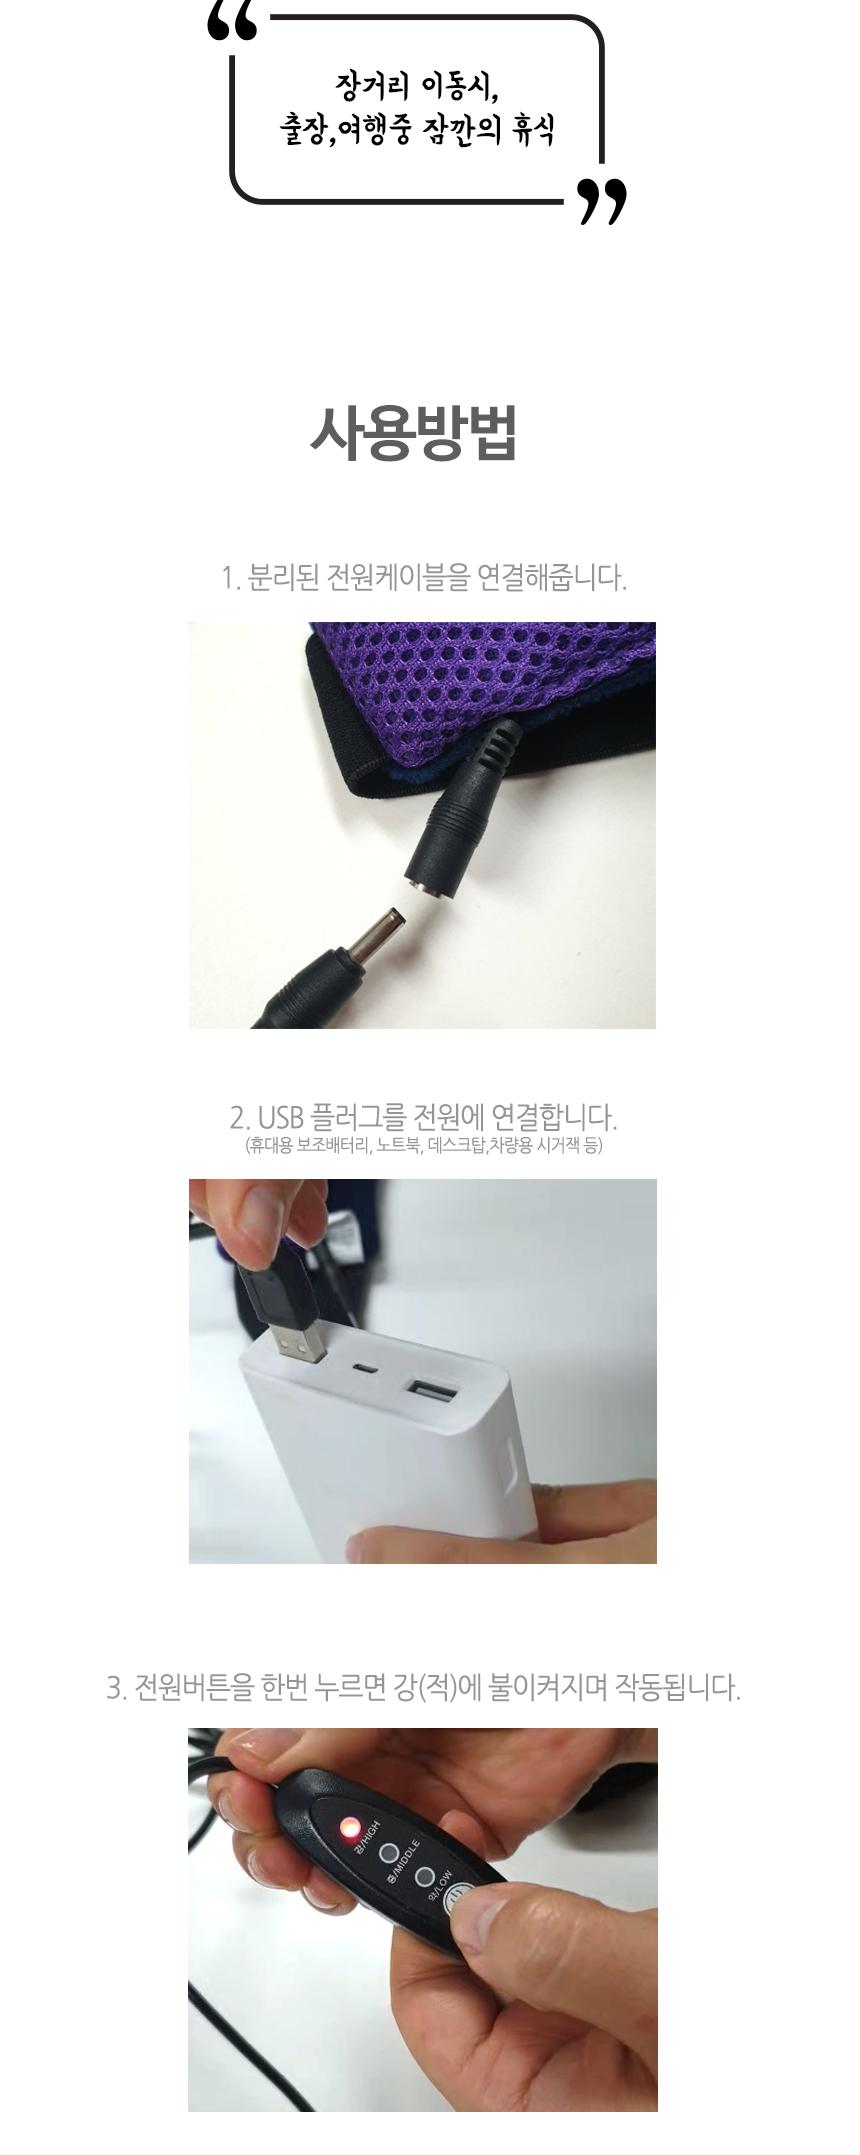 에타 USB 온열안대 - 쥬빌리라이프, 30,400원, 편의용품, 목쿠션/안대/슬리퍼